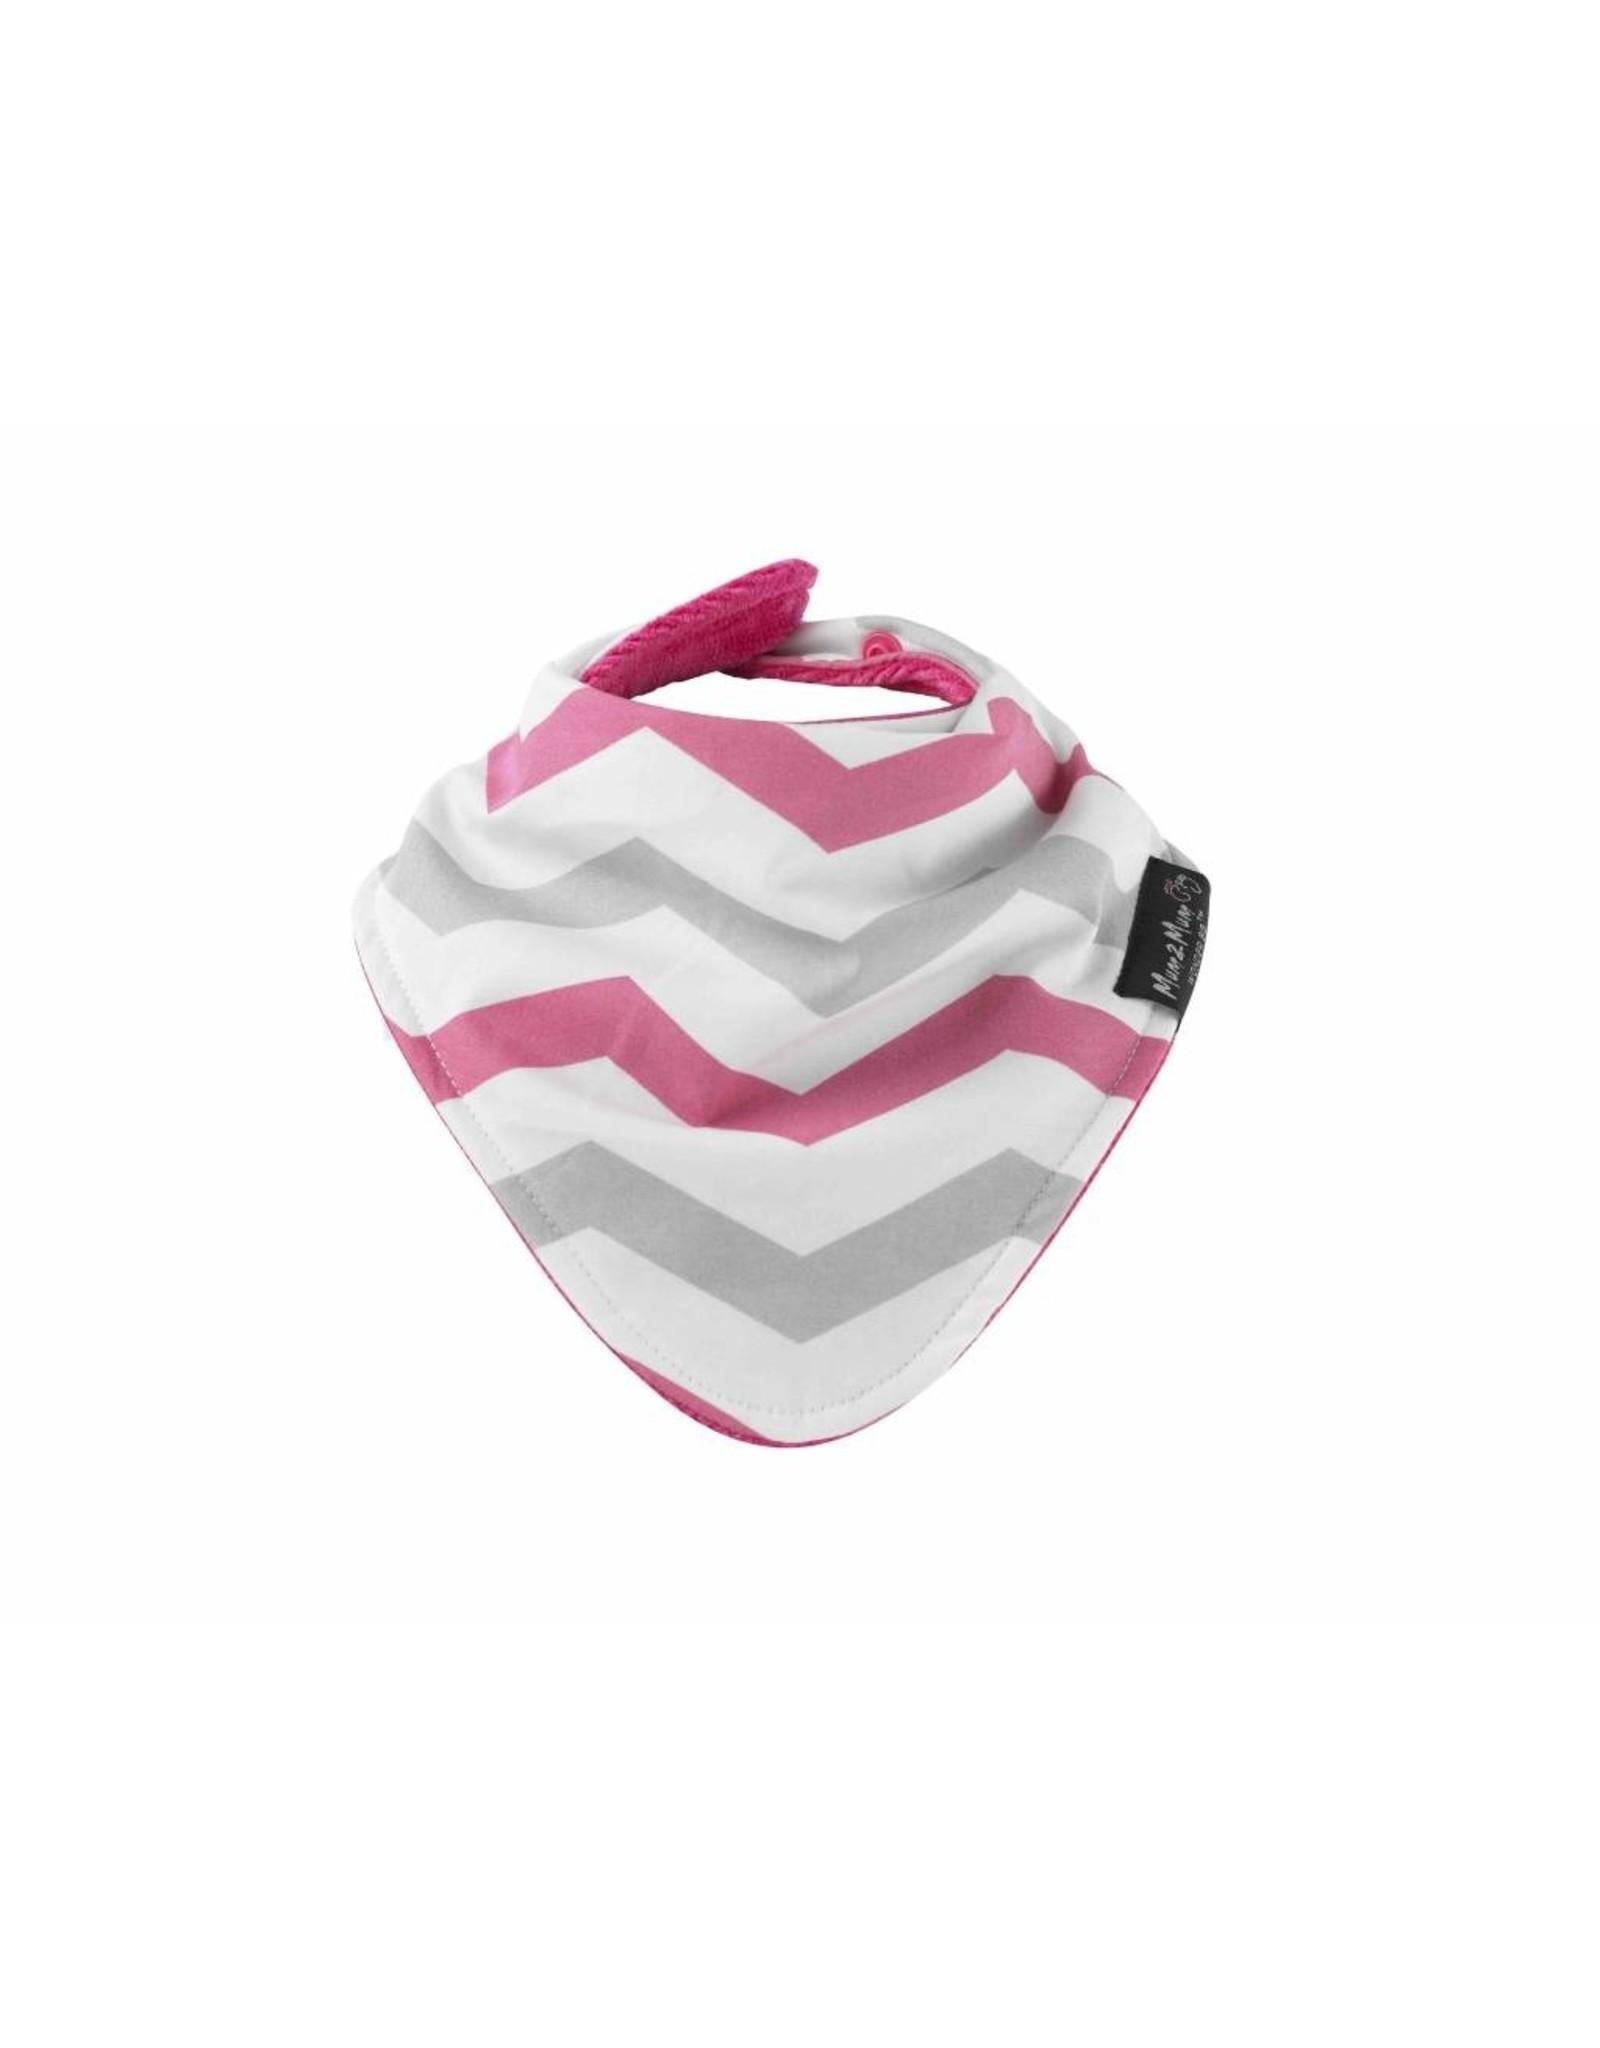 Mum2Mum Mum2Mum Fashion Bib Pink Chevron Cerise